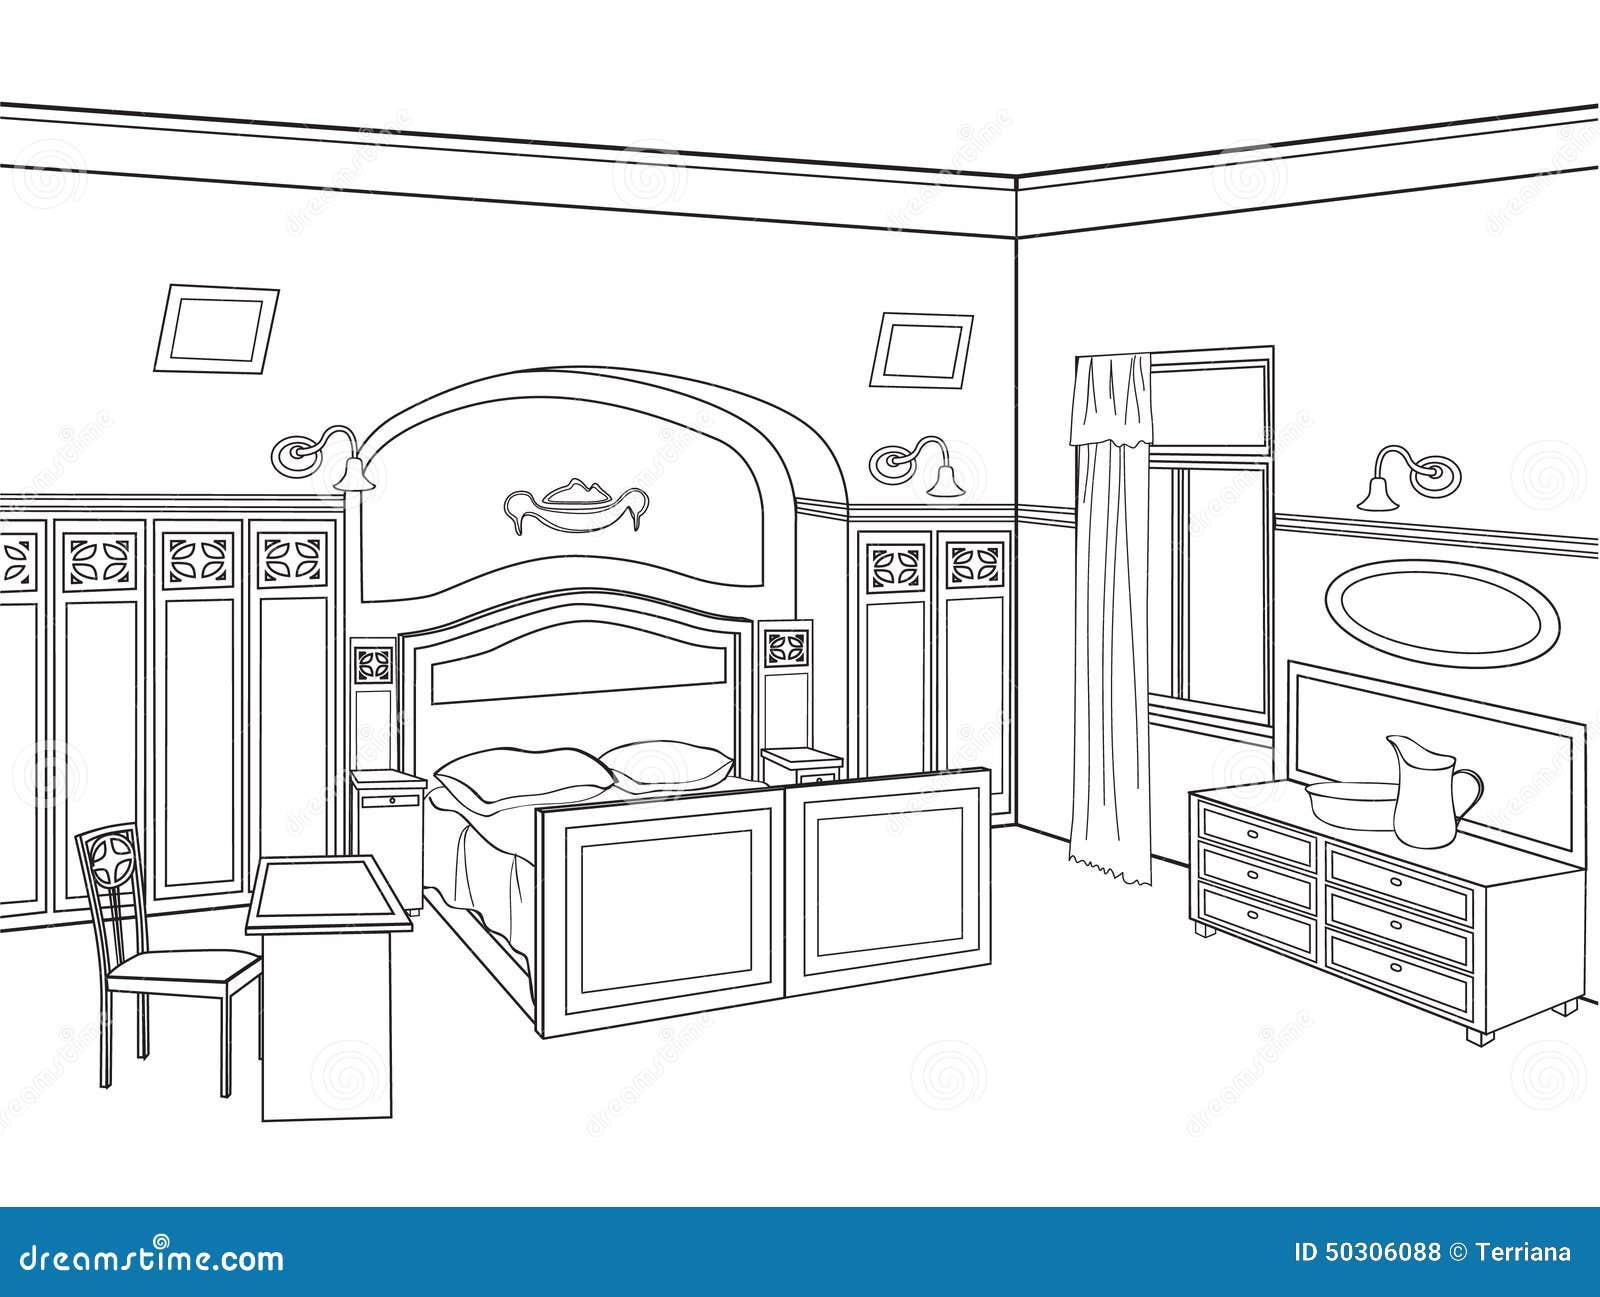 Meuble Chambre Dessin : Meubles de chambre à coucher illustration editable d un